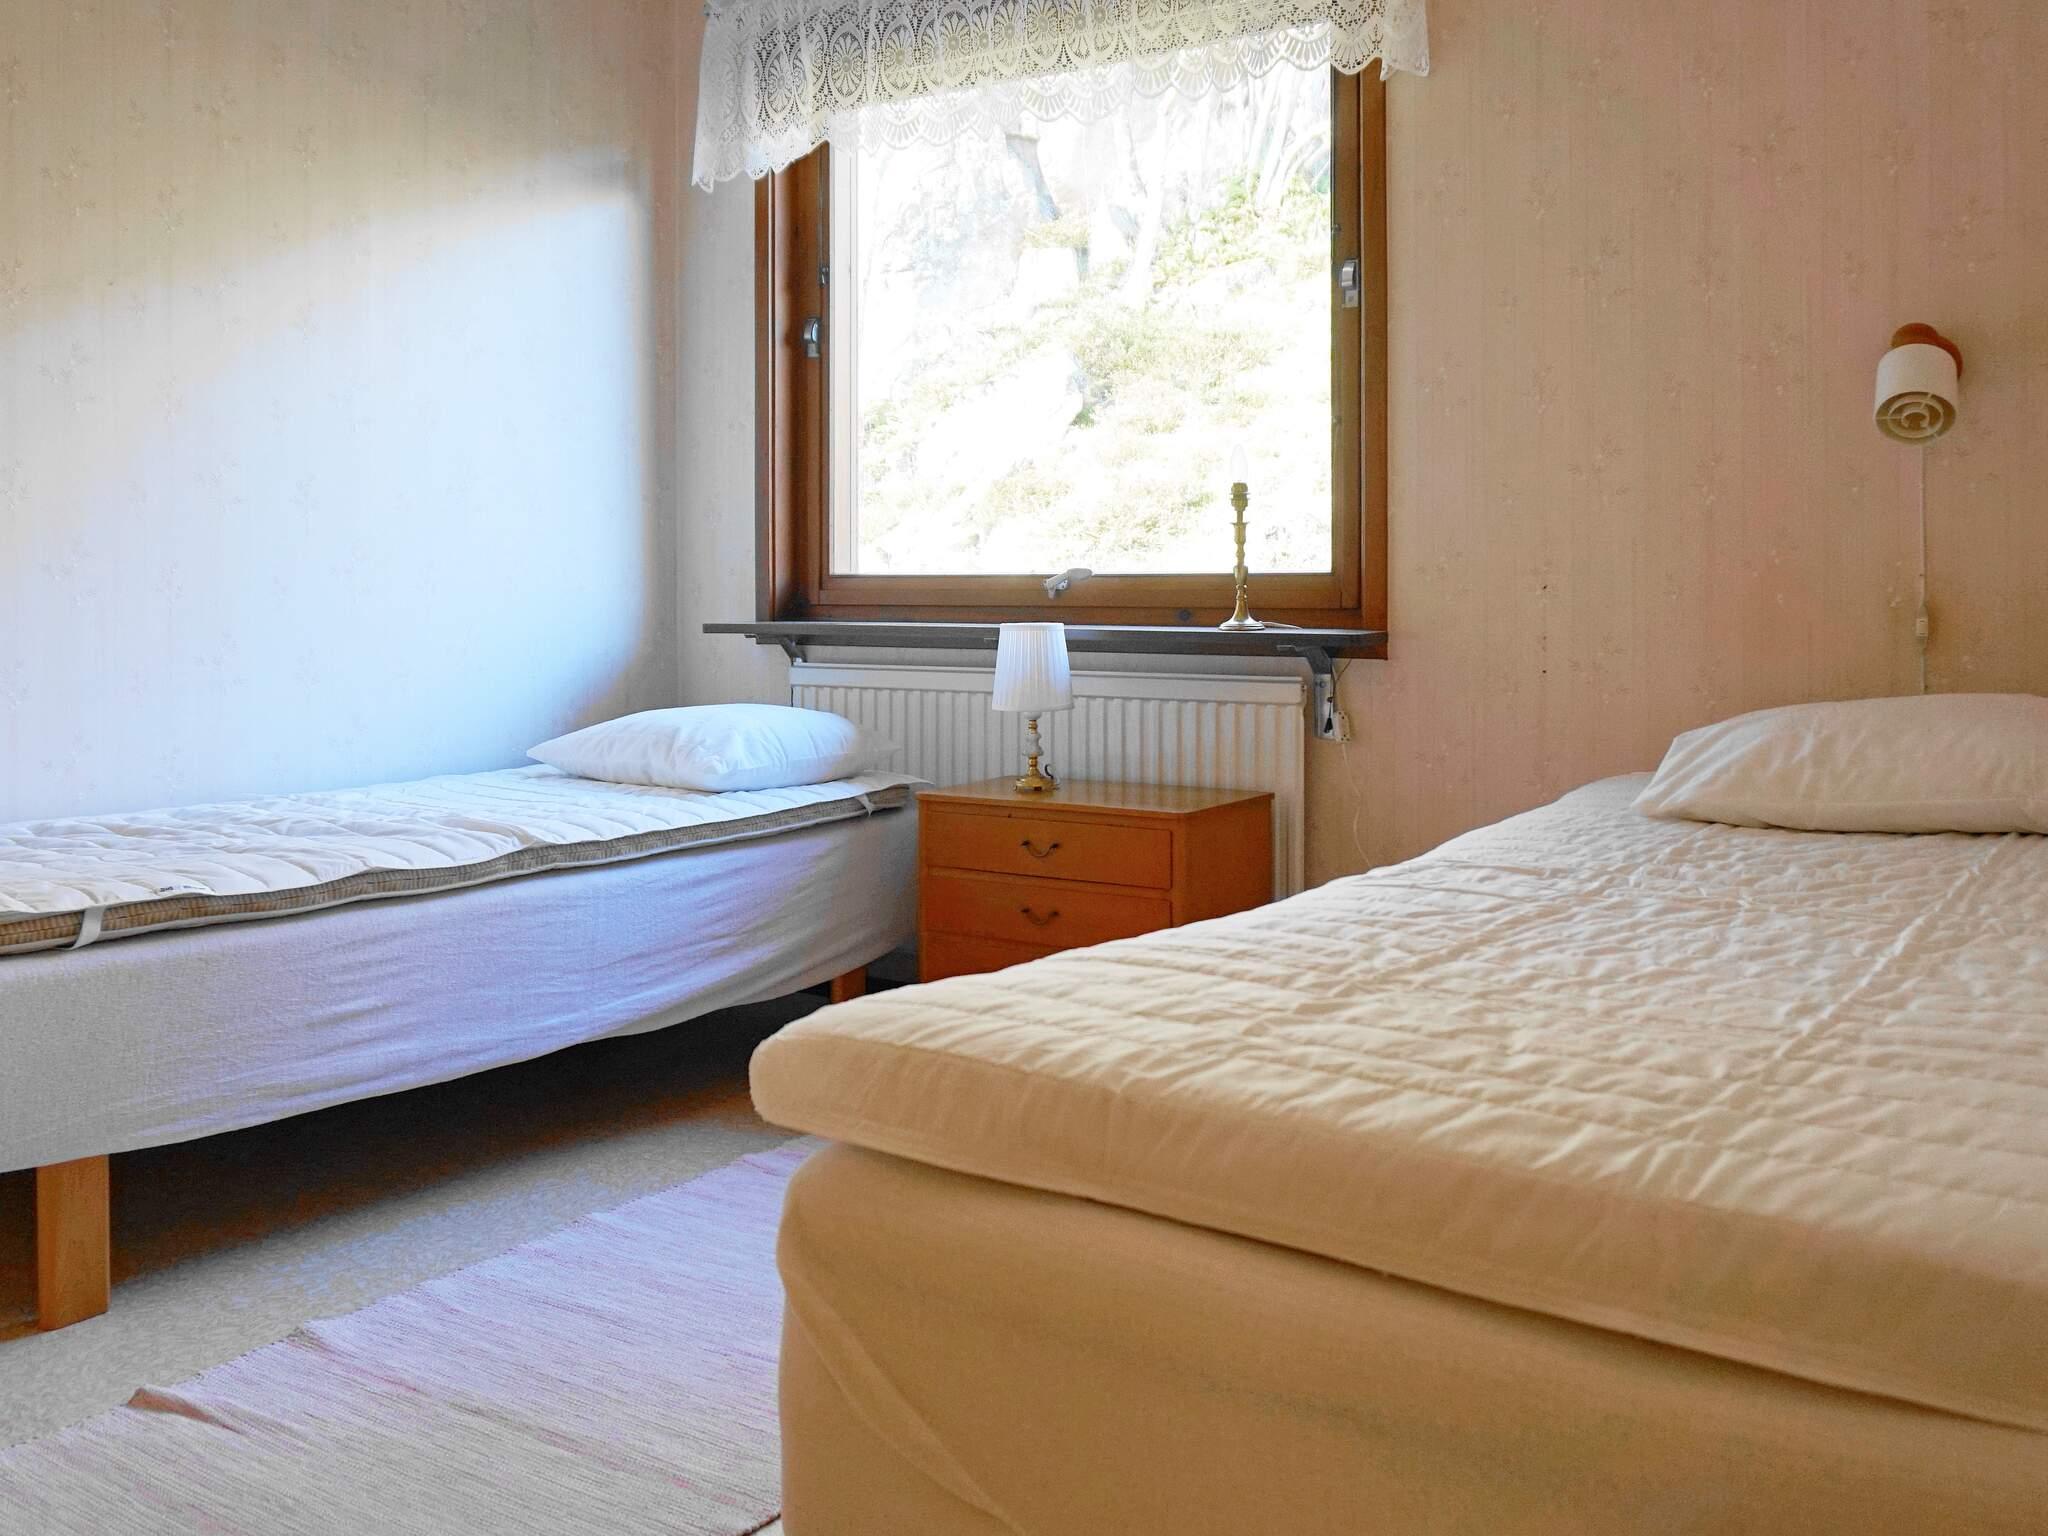 Ferienhaus Tjörn/Rönnäng (2611474), Rönnäng, Tjörn, Westschweden, Schweden, Bild 10